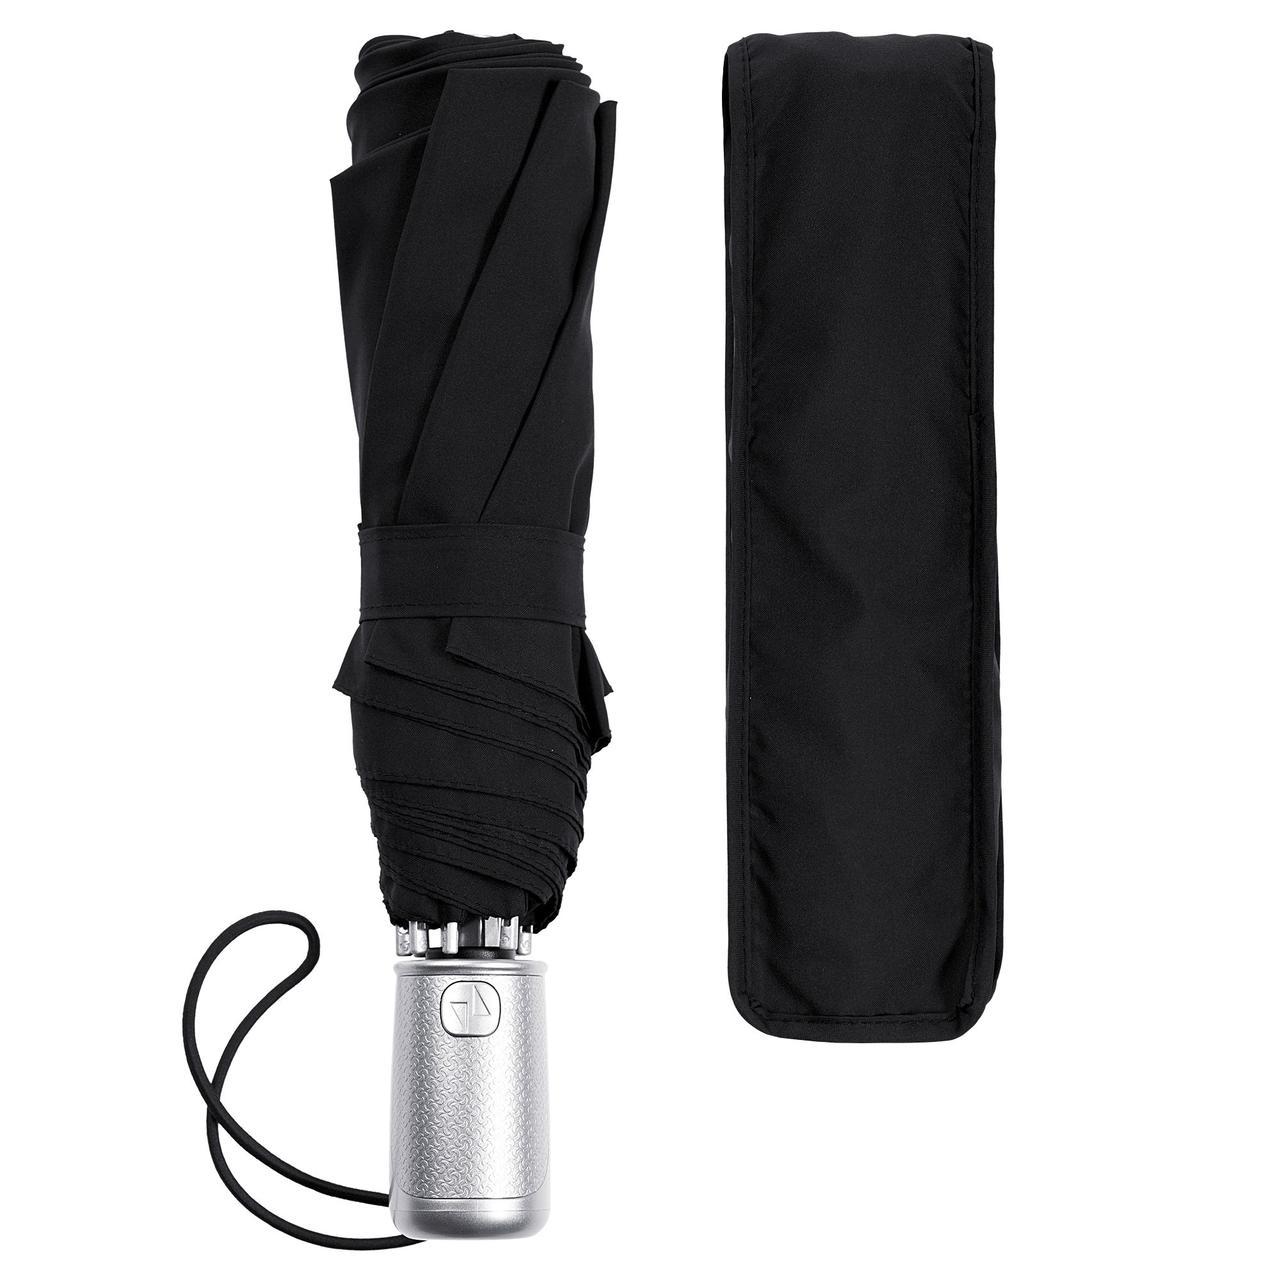 Складной зонт Alu Drop S, 3 сложения, 8 спиц, автомат, черный